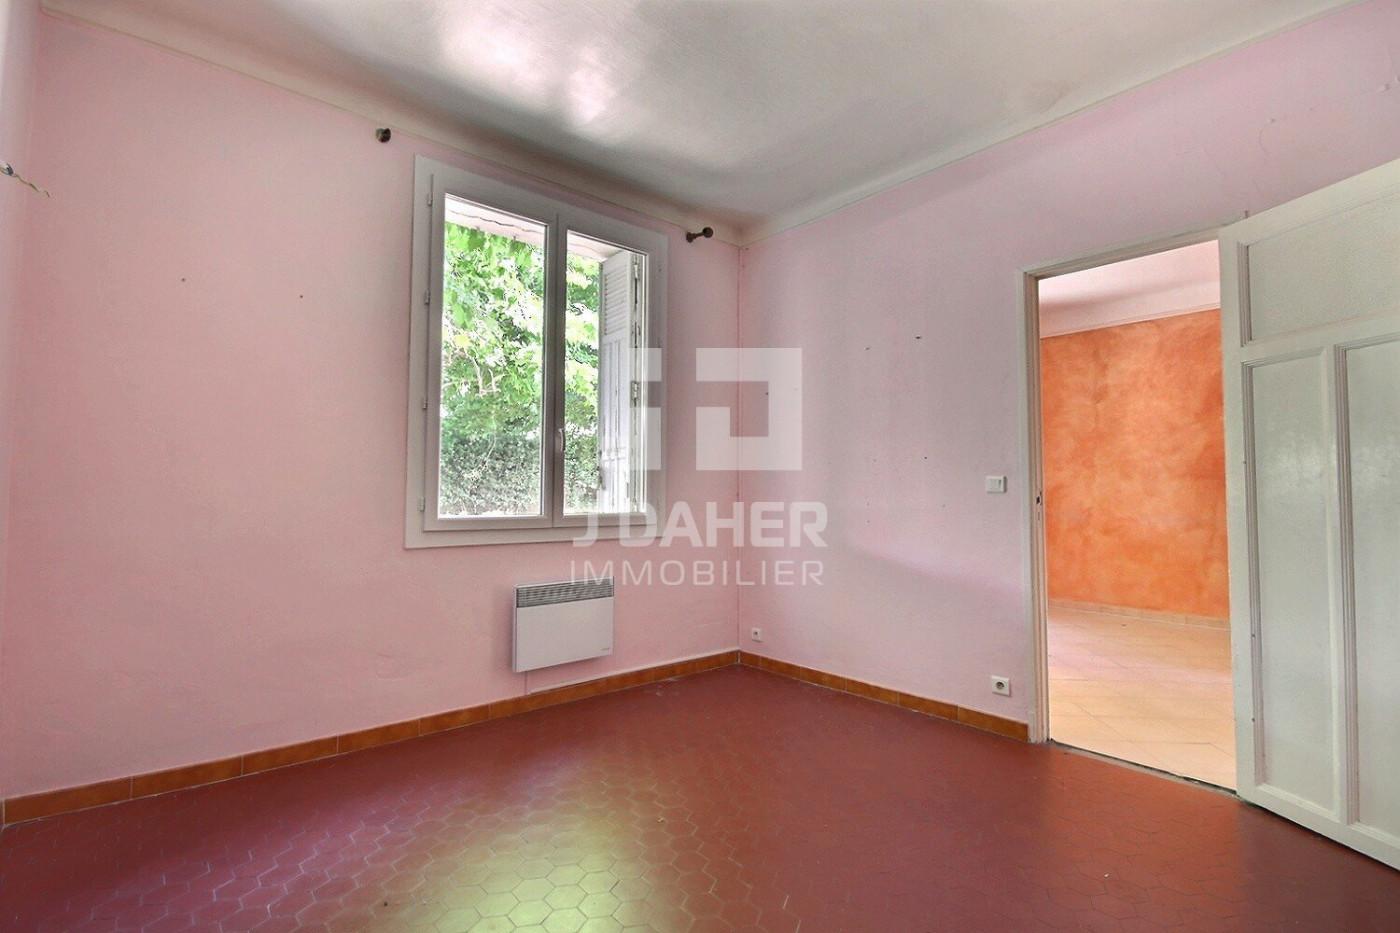 A vendre  Marseille 8eme Arrondissement | Réf 130251017 - J daher immobilier